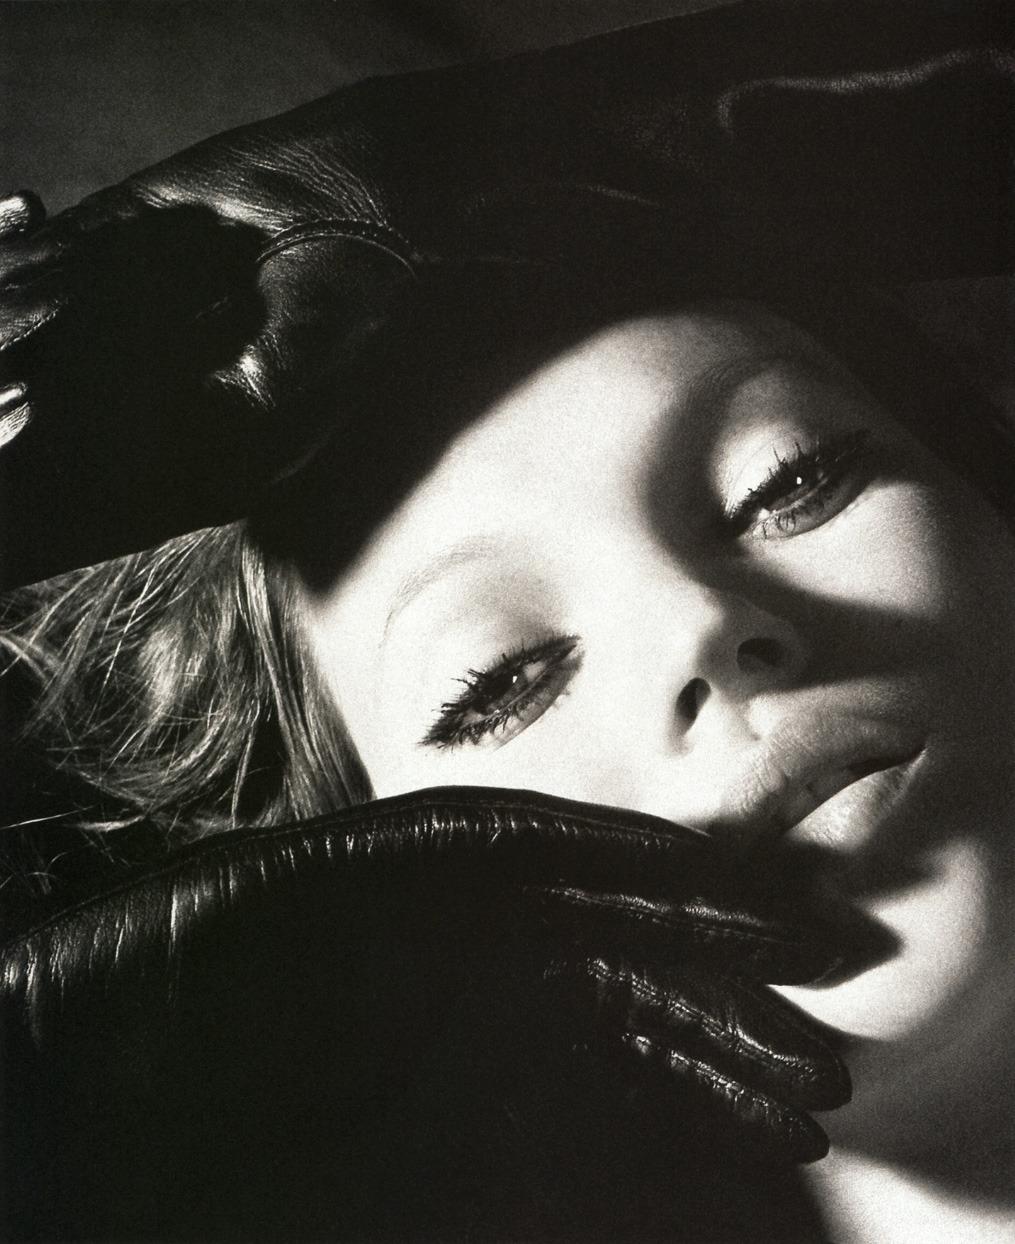 Kate Moss x Mert Alas & Marcus Piggot